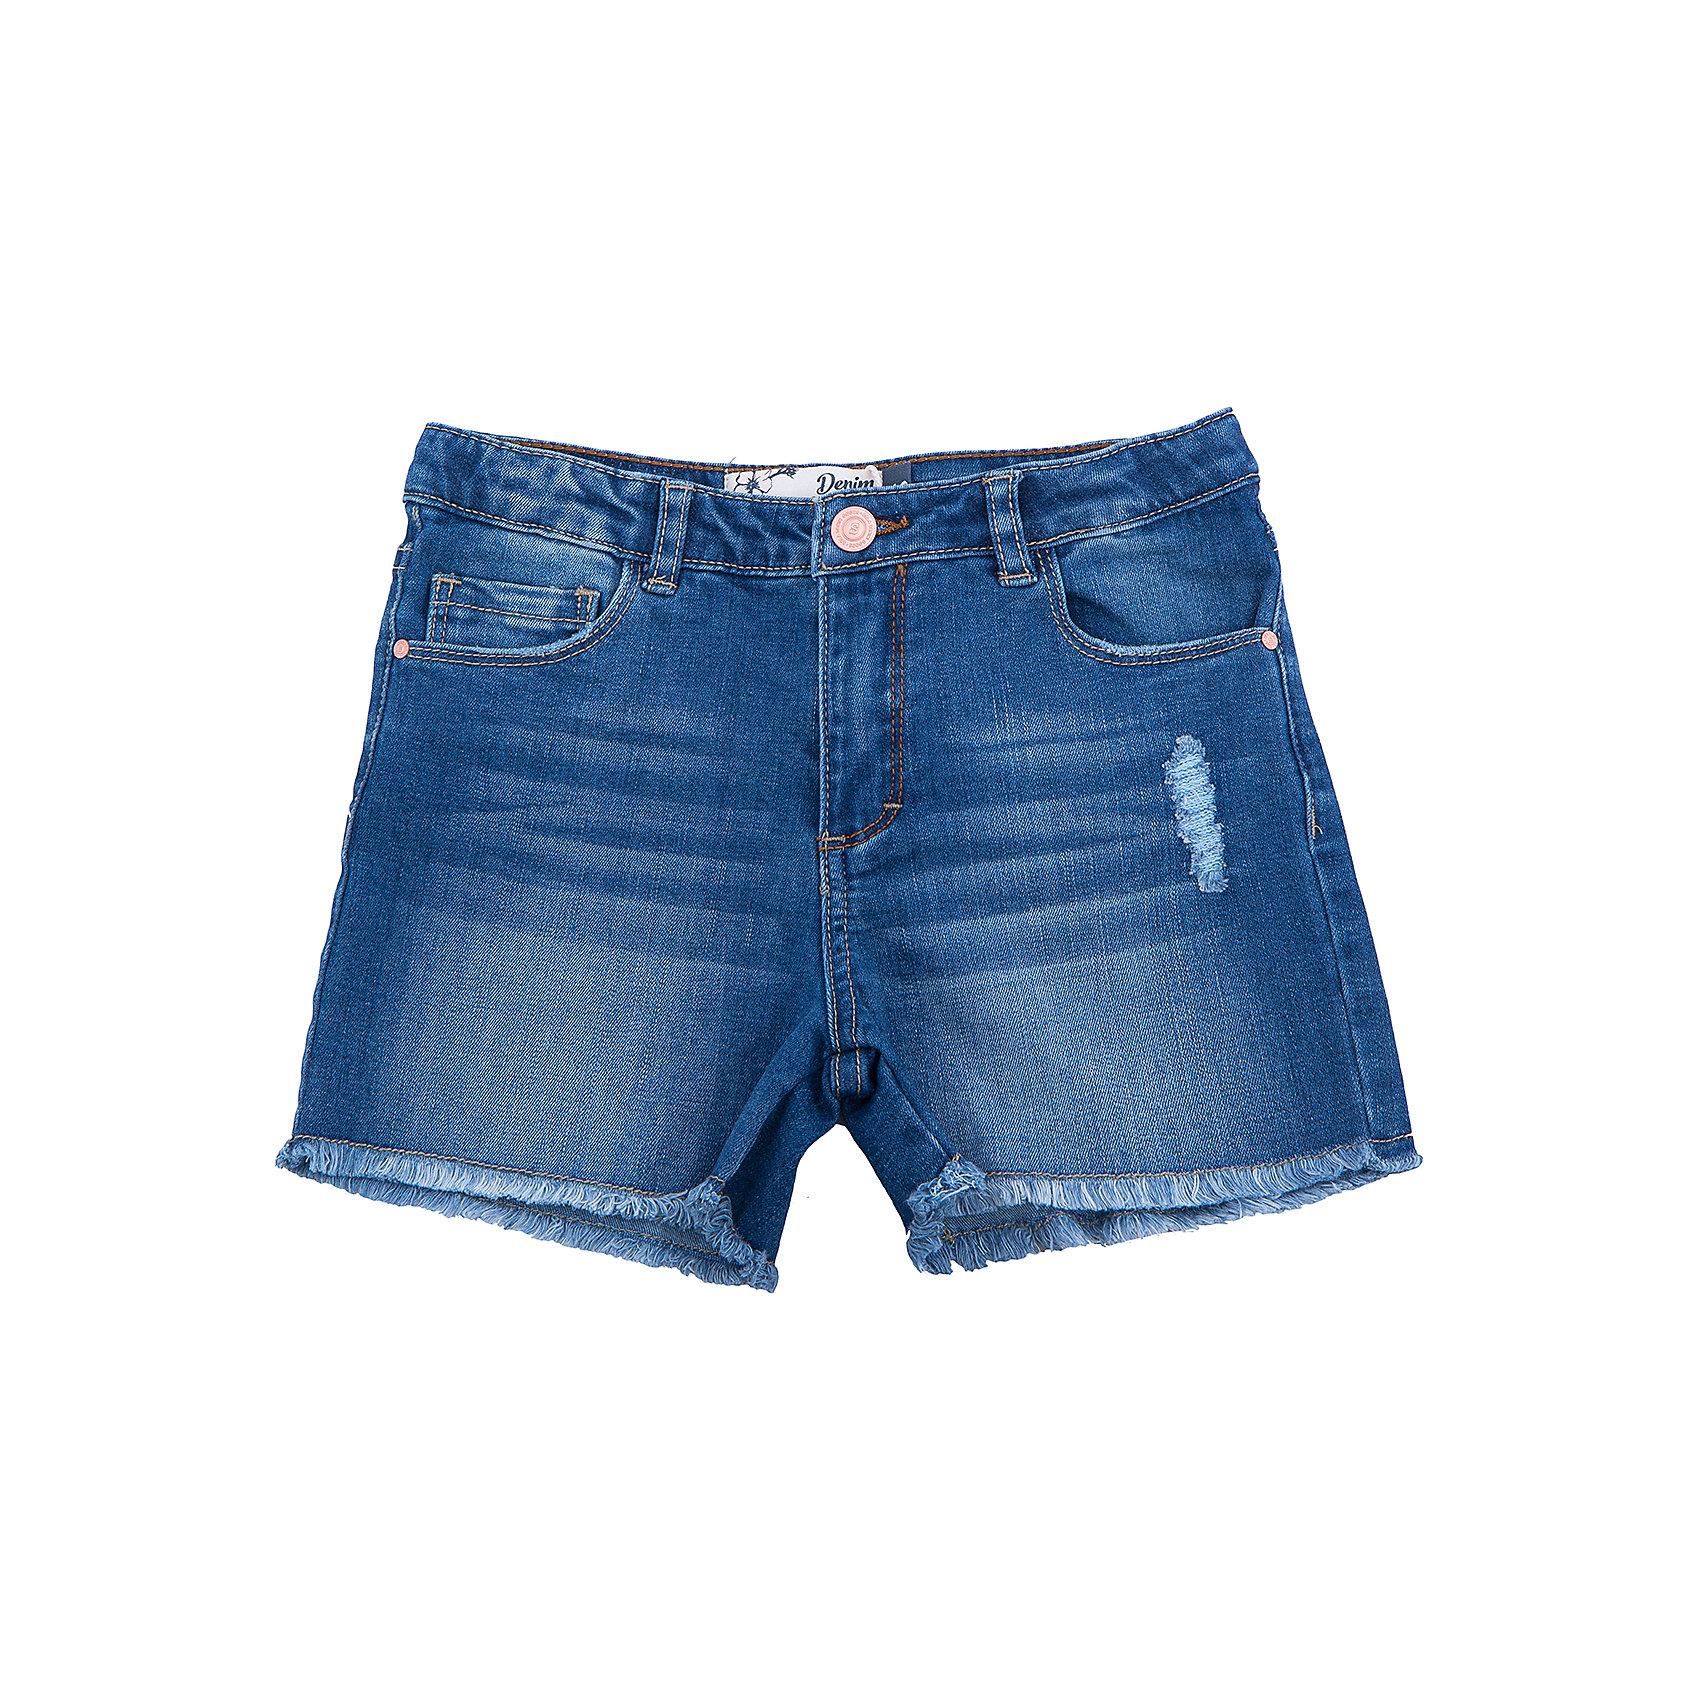 Шорты джинсовые для девочки SELAДжинсовая одежда<br>Шорты джинсовые для девочки от известного бренда SELA<br>Состав:<br>63% хлопок, 23% ПЭ, 12% вискоза, 2% эластан<br><br>Ширина мм: 191<br>Глубина мм: 10<br>Высота мм: 175<br>Вес г: 273<br>Цвет: синий<br>Возраст от месяцев: 96<br>Возраст до месяцев: 108<br>Пол: Женский<br>Возраст: Детский<br>Размер: 134,140,146,152,122,128<br>SKU: 5303041